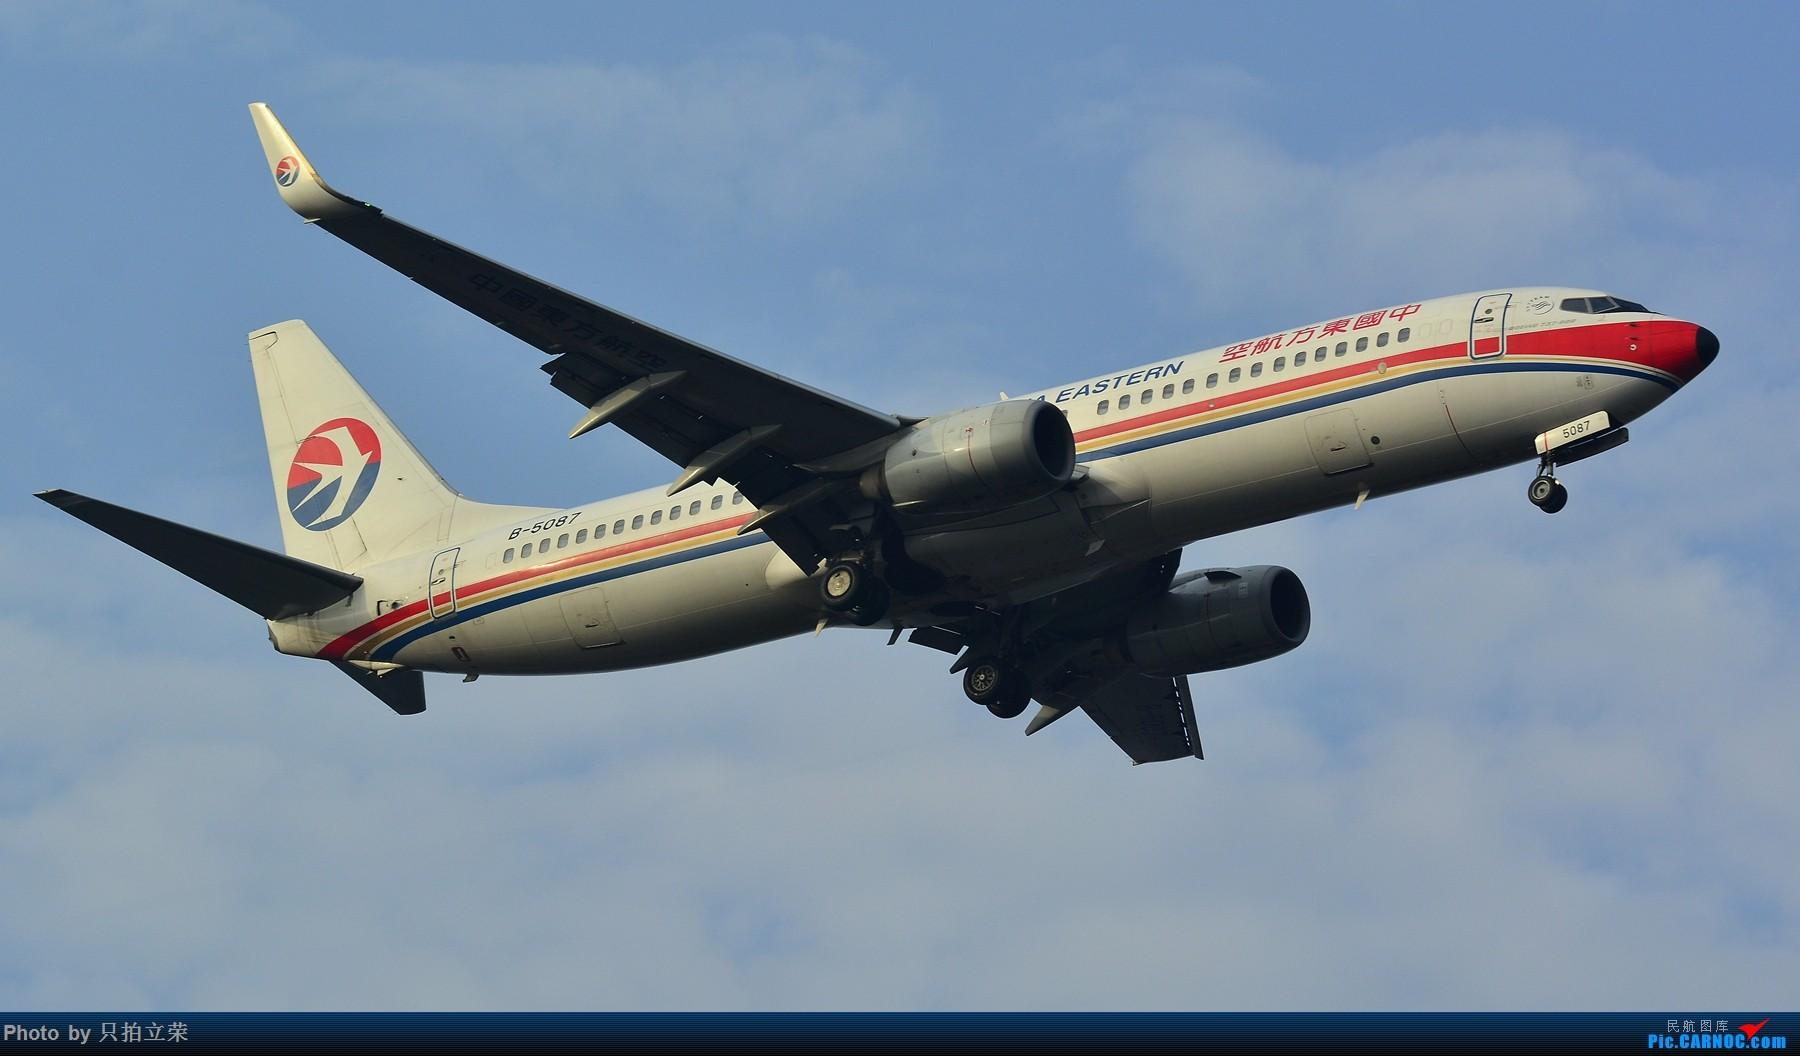 [原创]长沙飞友会之--很久没拍机了,只拍立荣重回黄花! BOEING 737-800 B-5087 中国长沙黄花国际机场